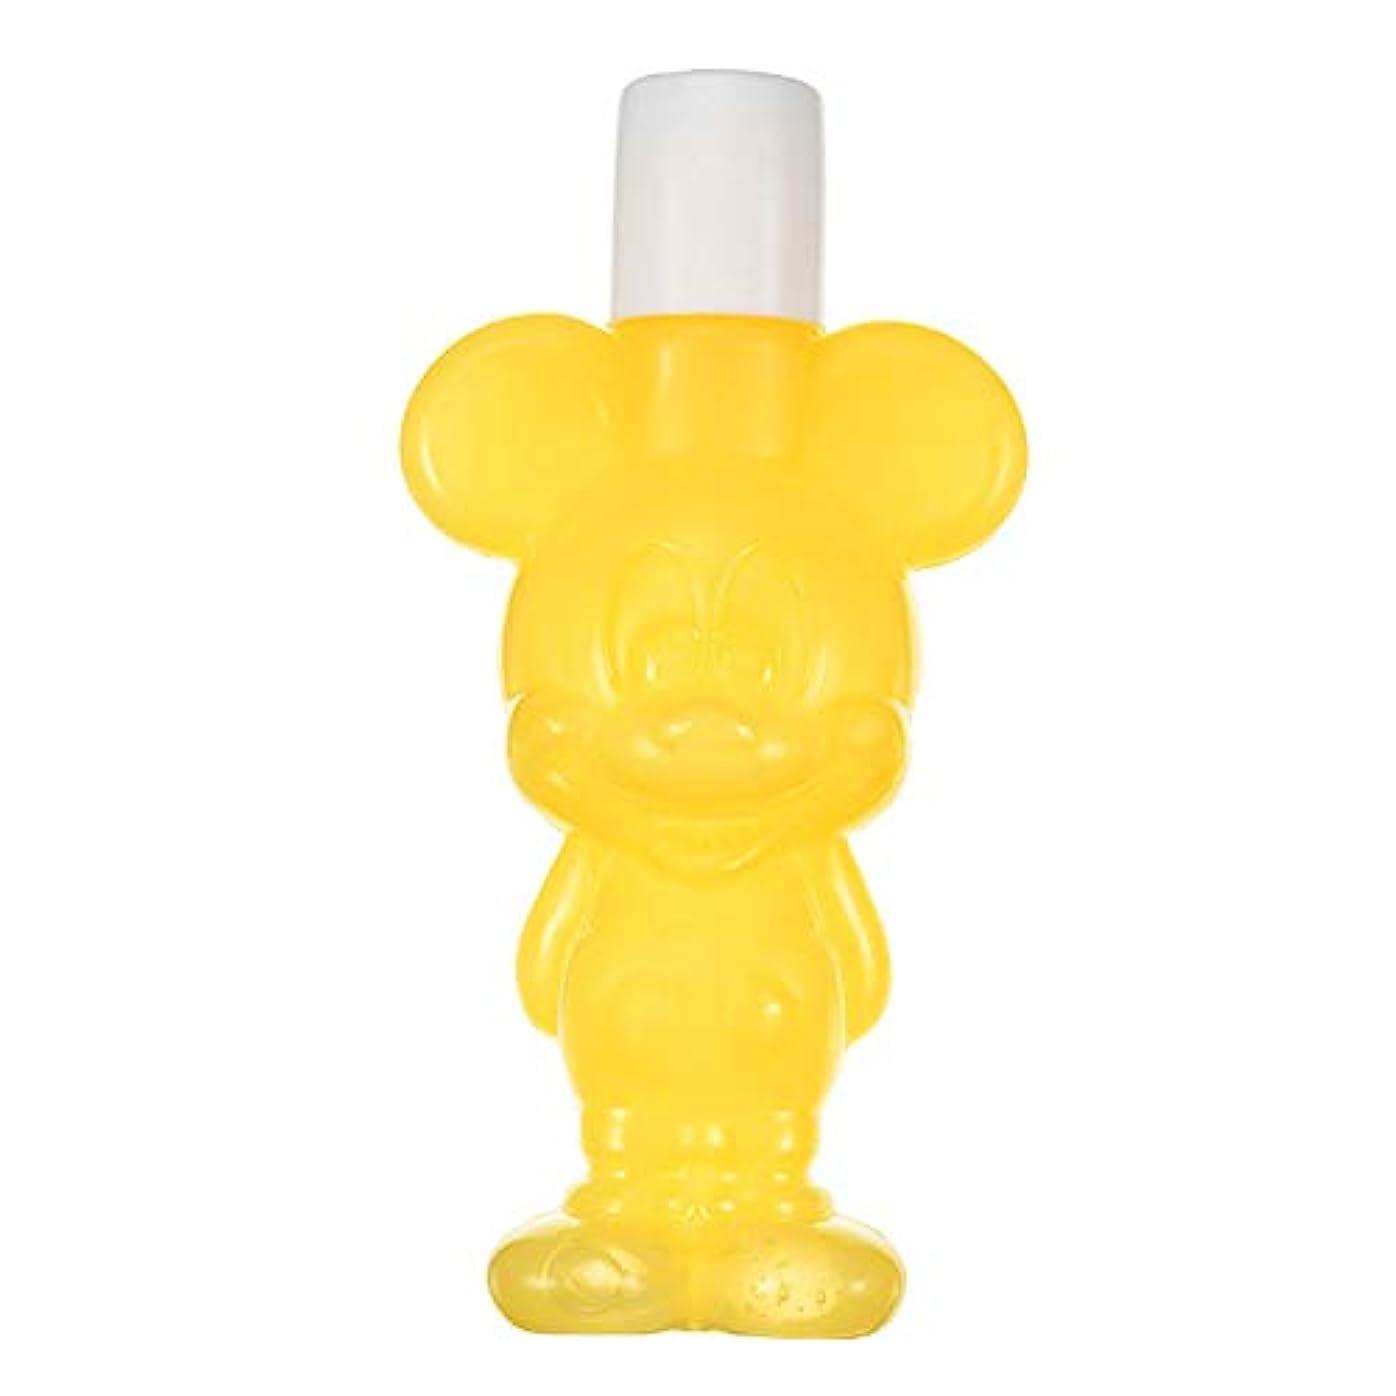 漏斗自殺とにかくディズニーストア(公式)保湿ジェル ミッキー イエロー Gummy Candy Cosme